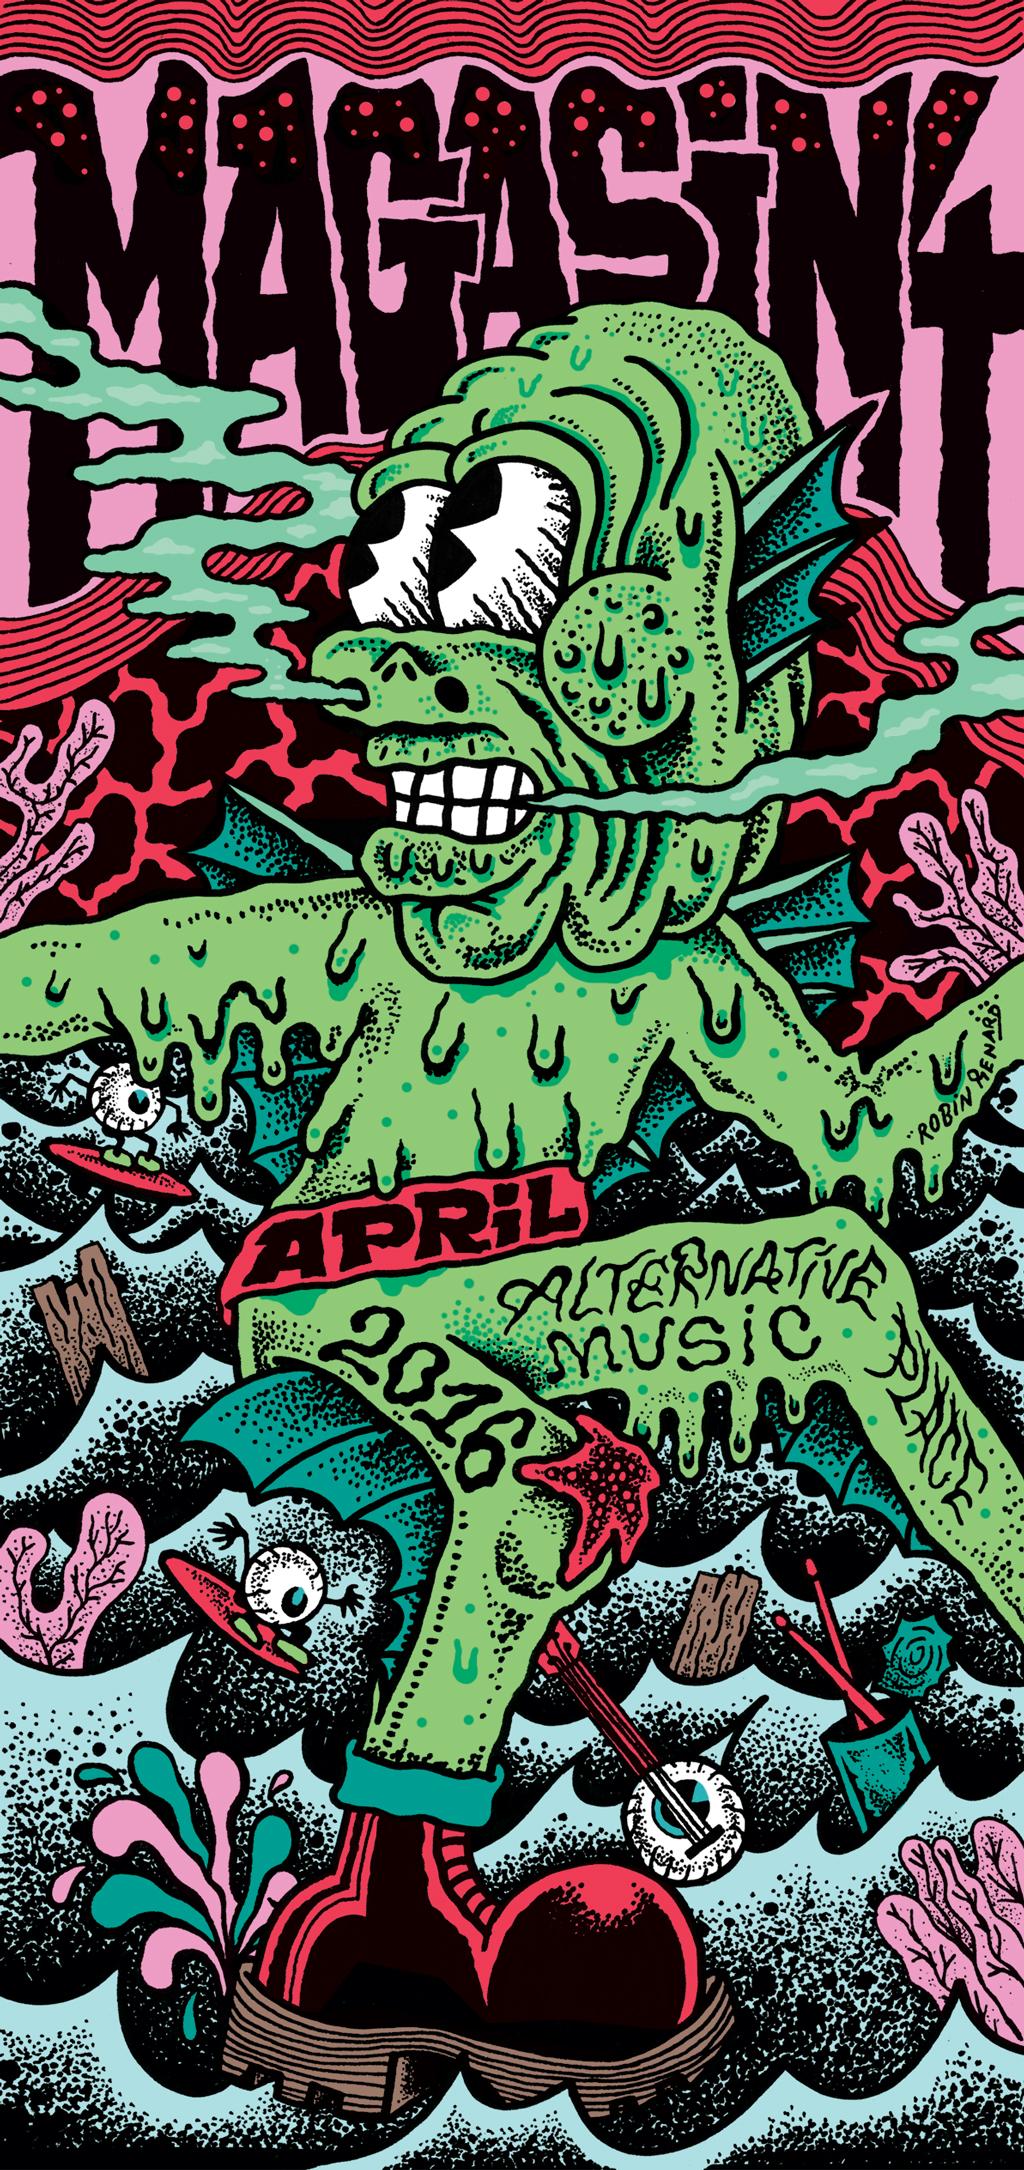 magasin4-april16-web